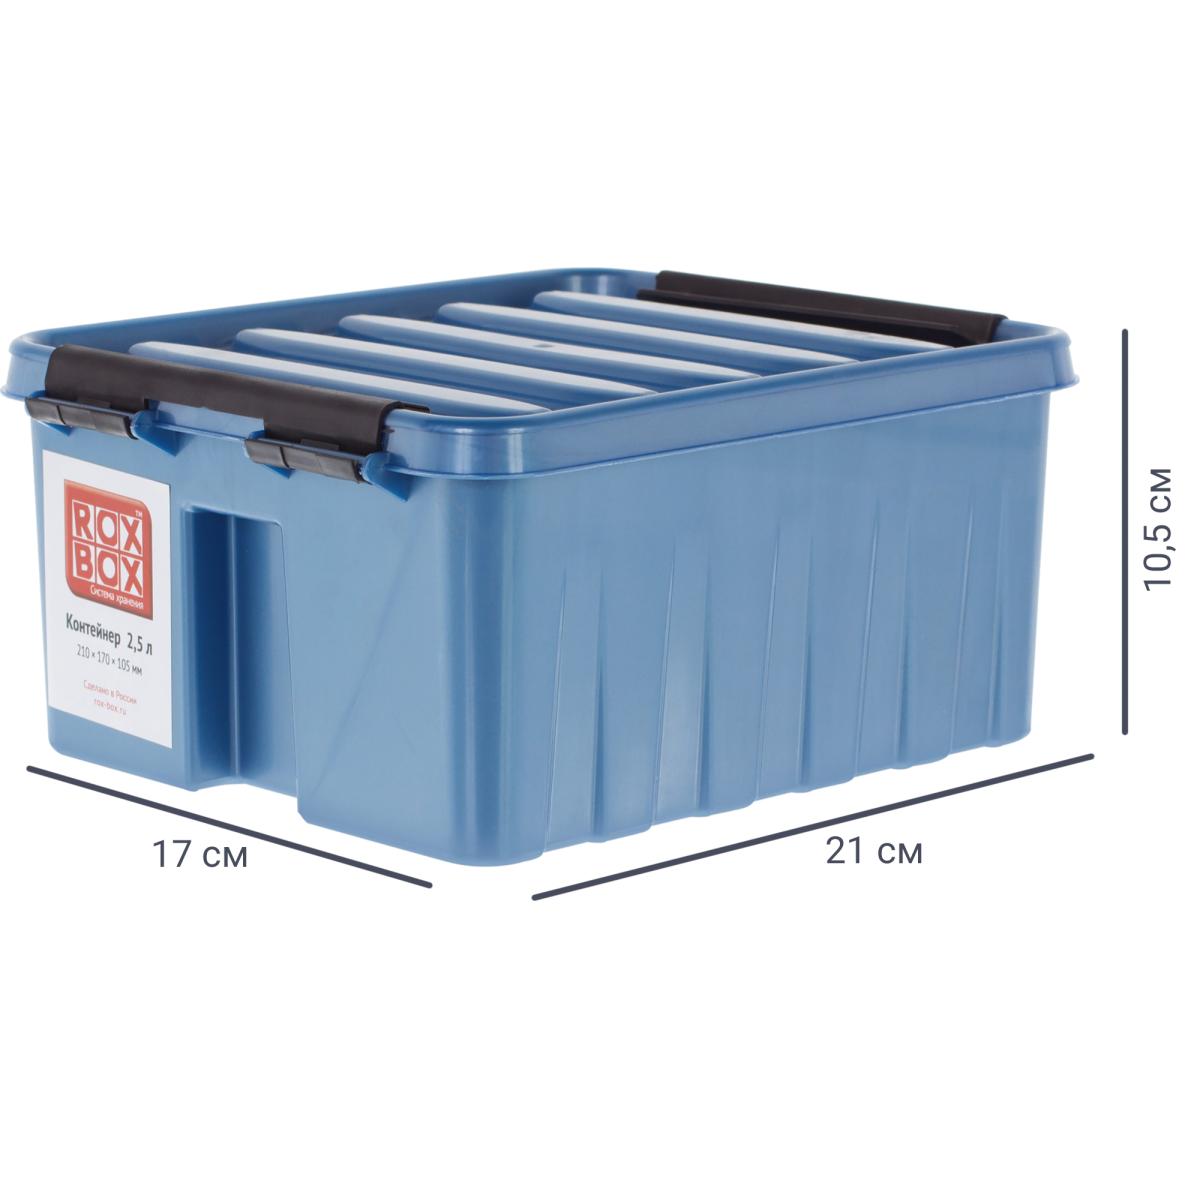 Контейнер Rox Box 21х17х10 см 2.5 л пластик цвет синий с крышкой